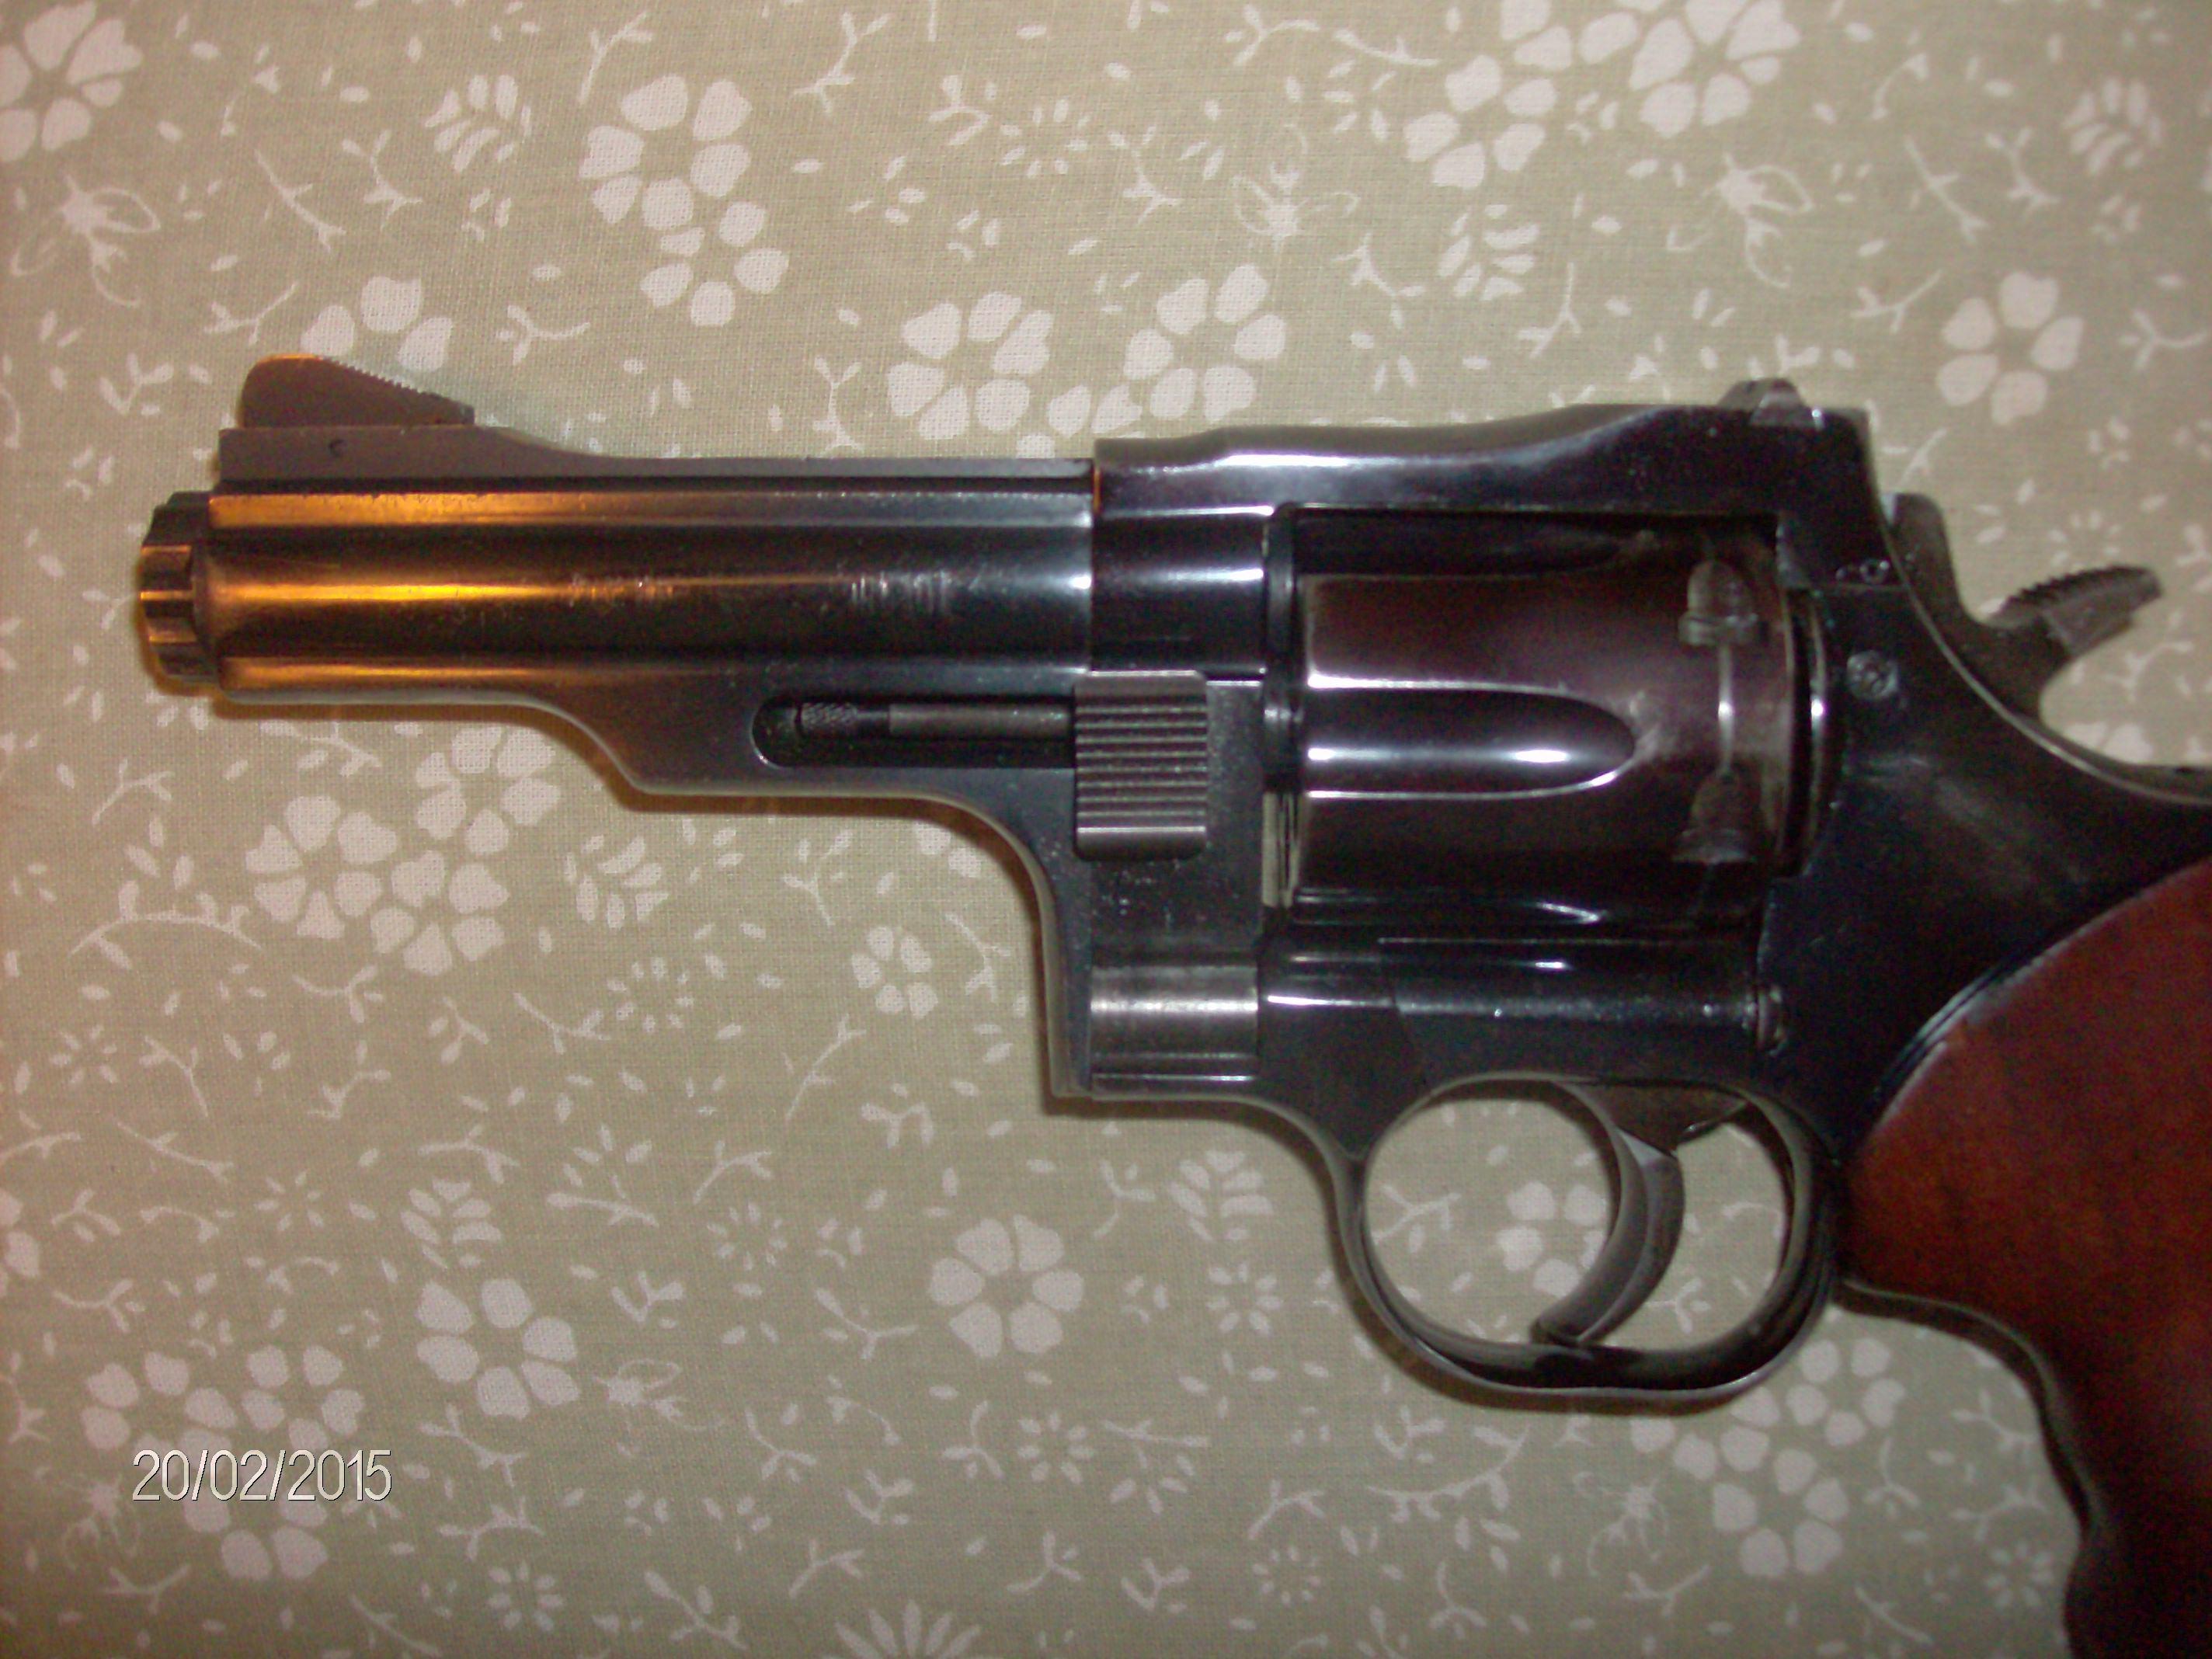 HPIM1565.JPG